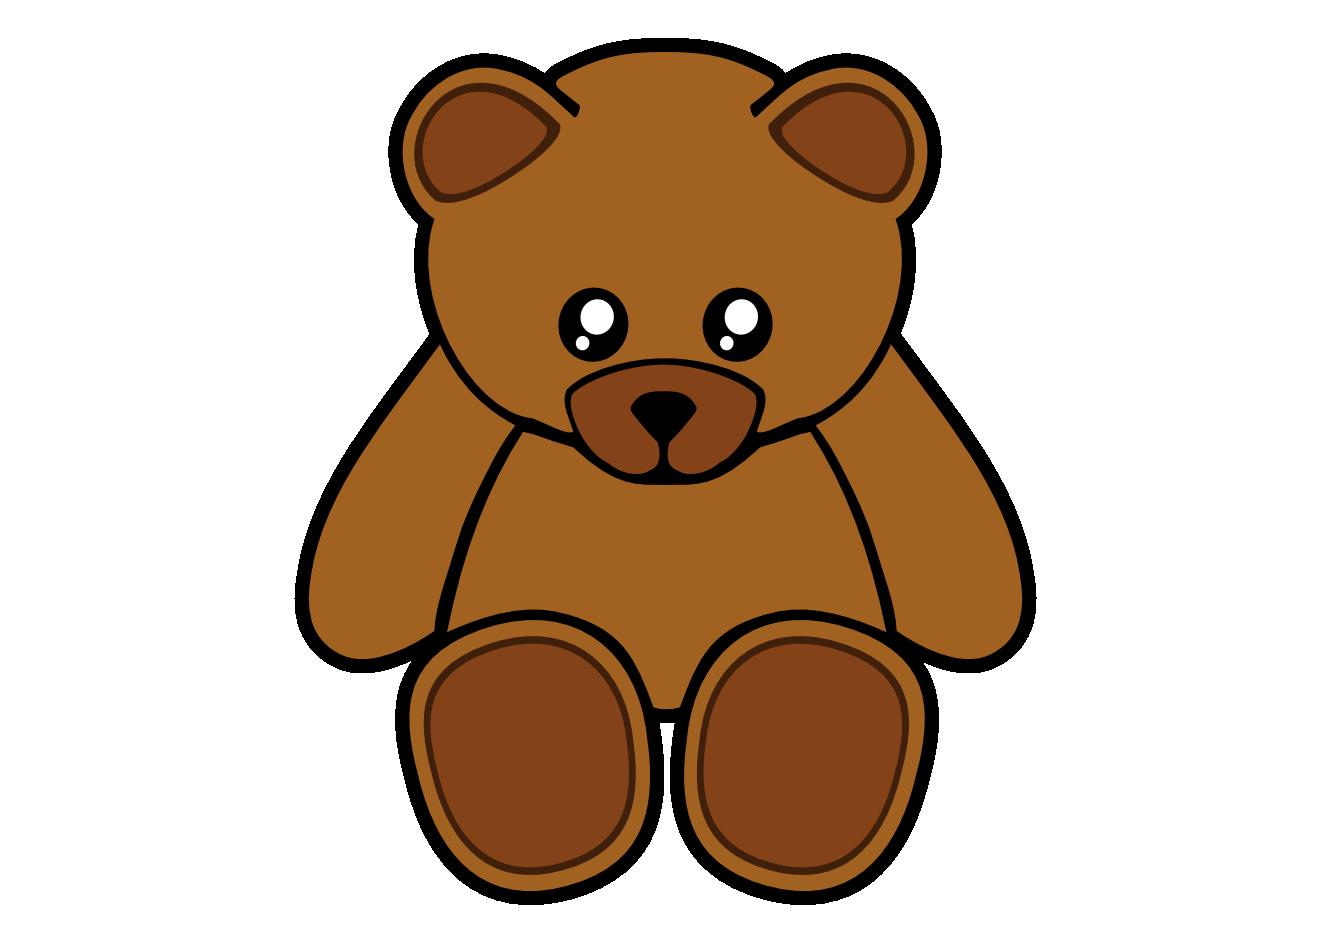 Ears clipart teddy bear. Clip art clipartist net